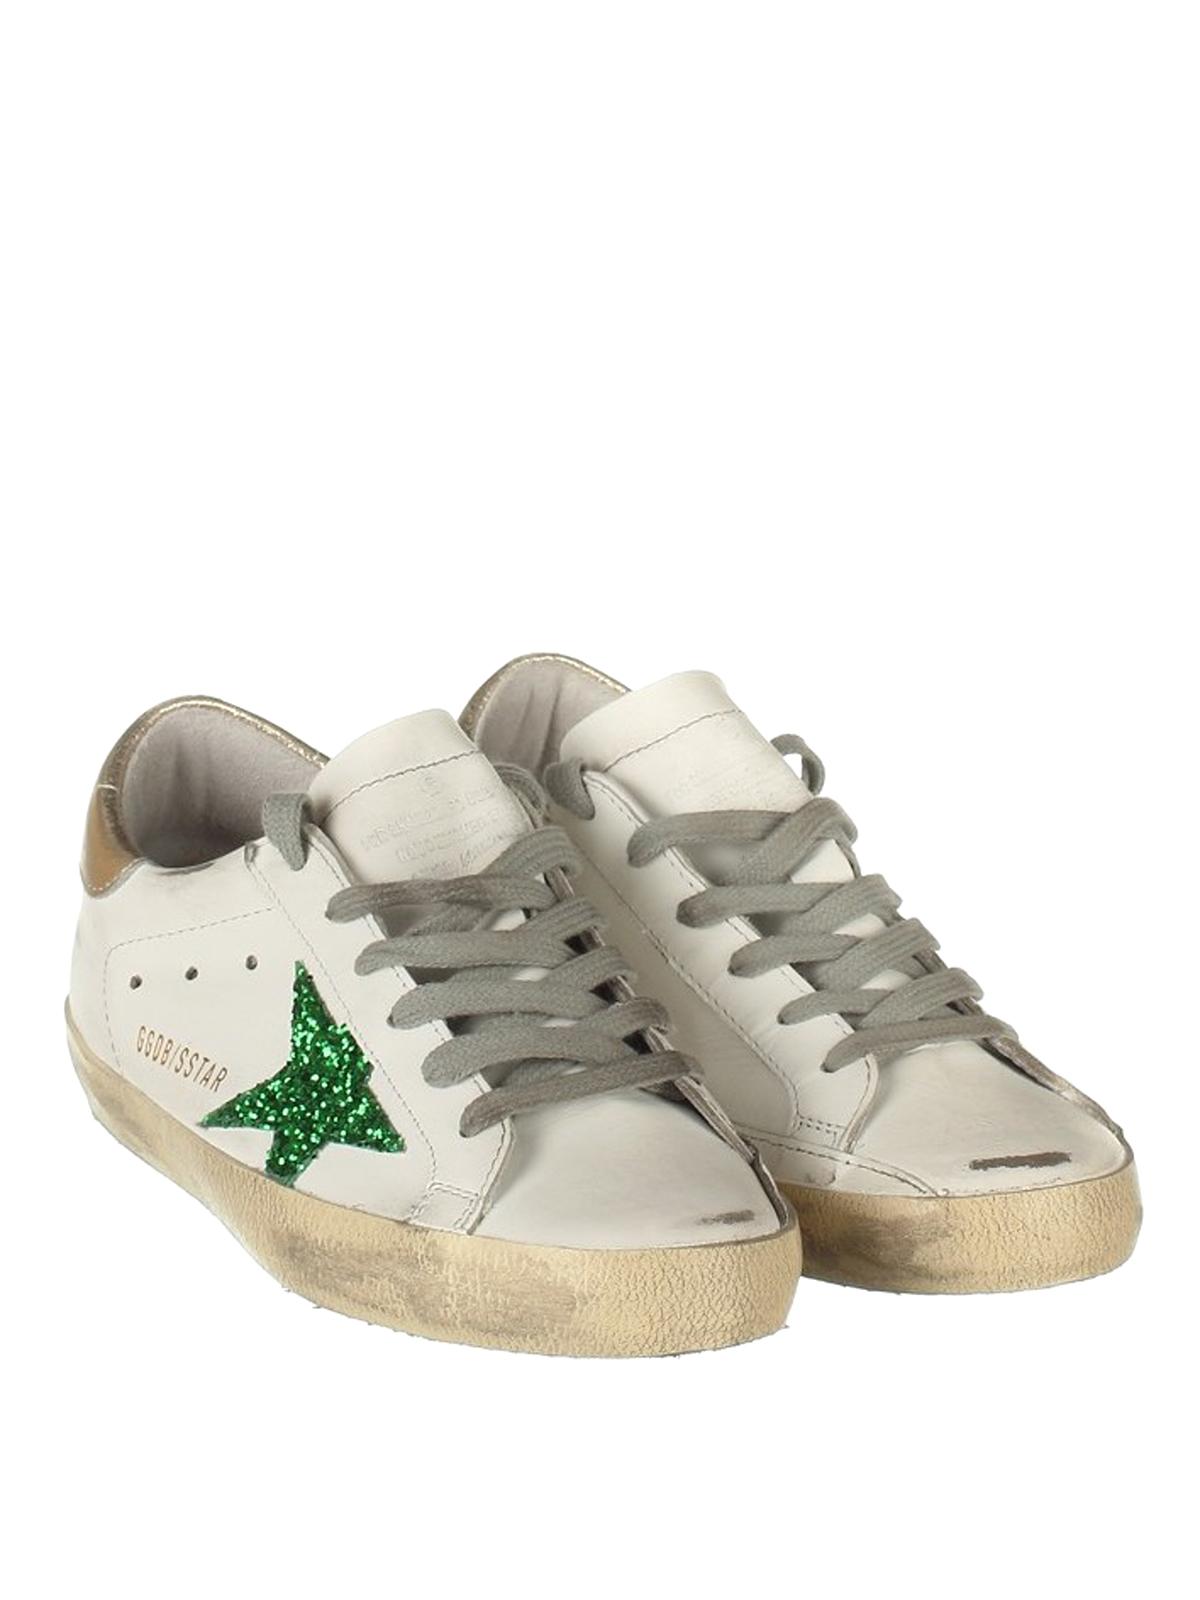 Green glitter patch Superstar shoes